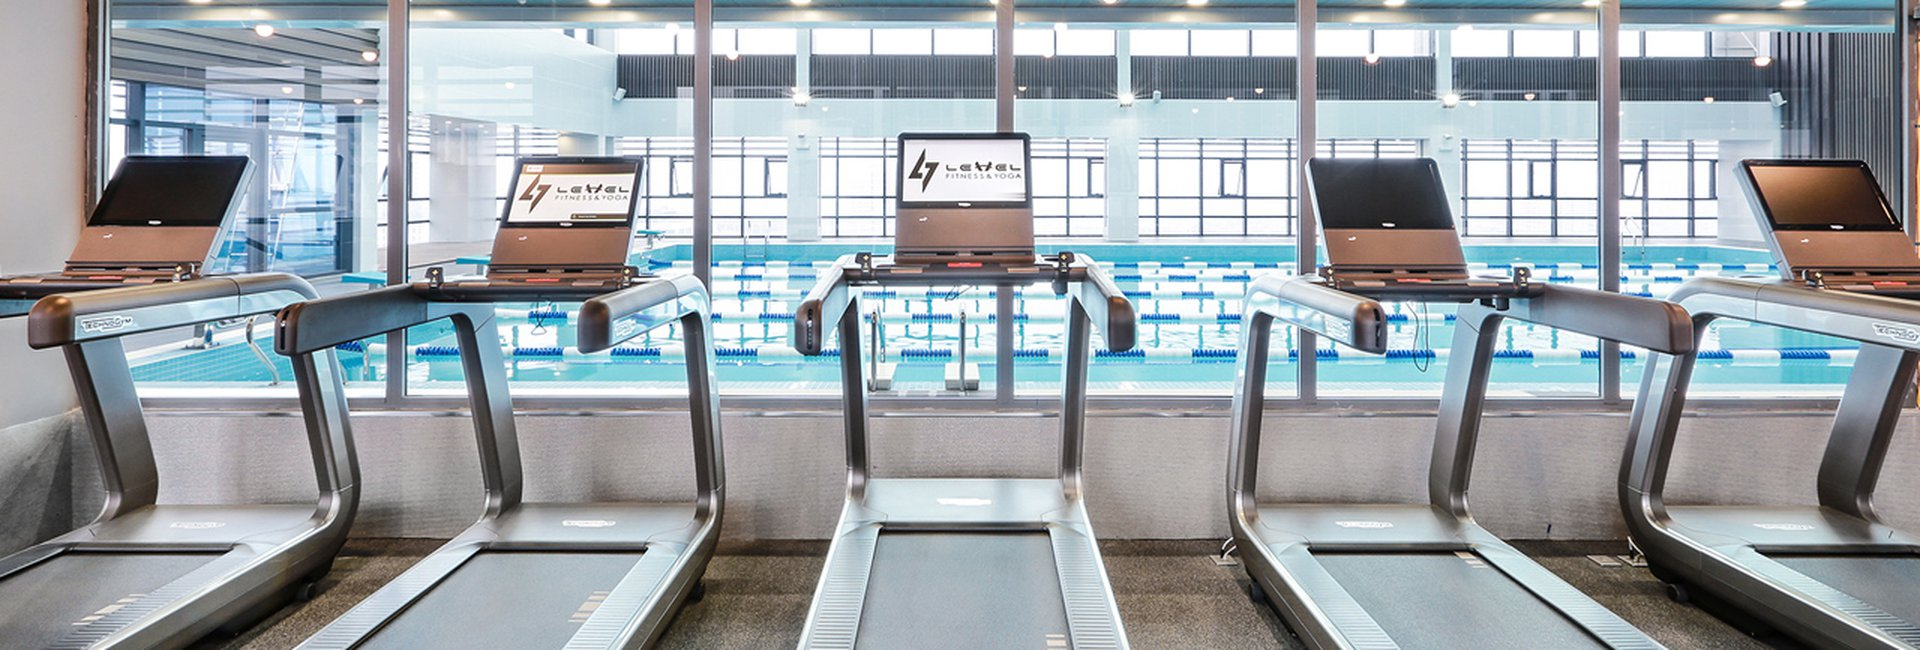 Top 10 bể bơi được giới trẻ yêu thích ở Hà Nội